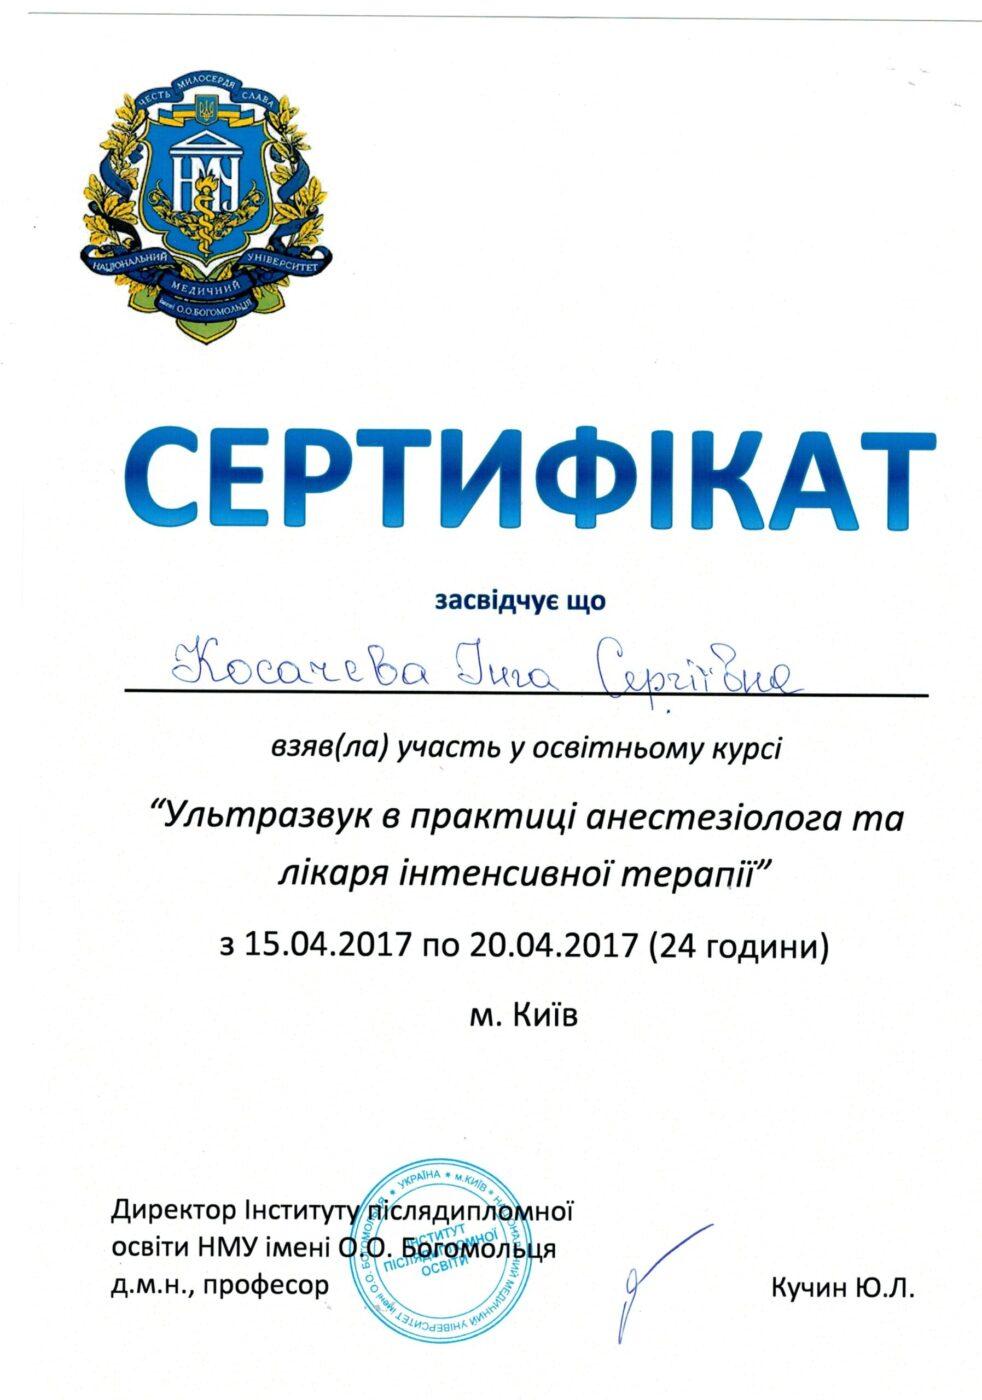 Сертифікат дитячого лікаря анестезіолога Косачевої Інги Сергіївни об участі у курсі (Ультразвук в практиці анестезіолога та лікаря інтенсивної терапії)